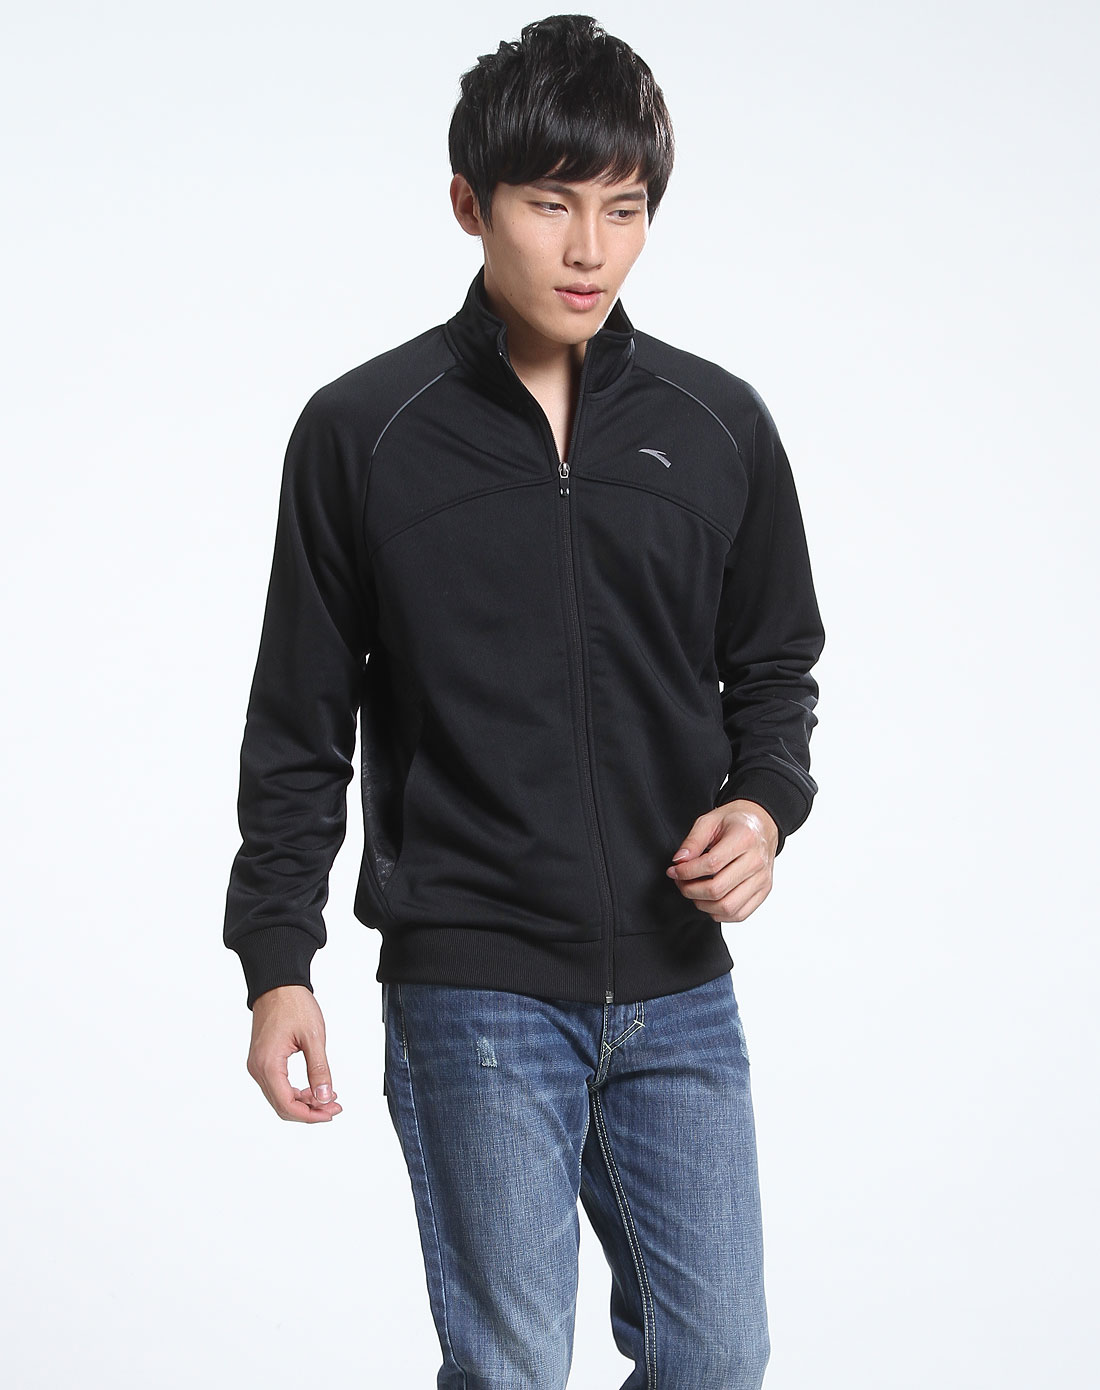 男款 黑色休闲针织长袖运动外套